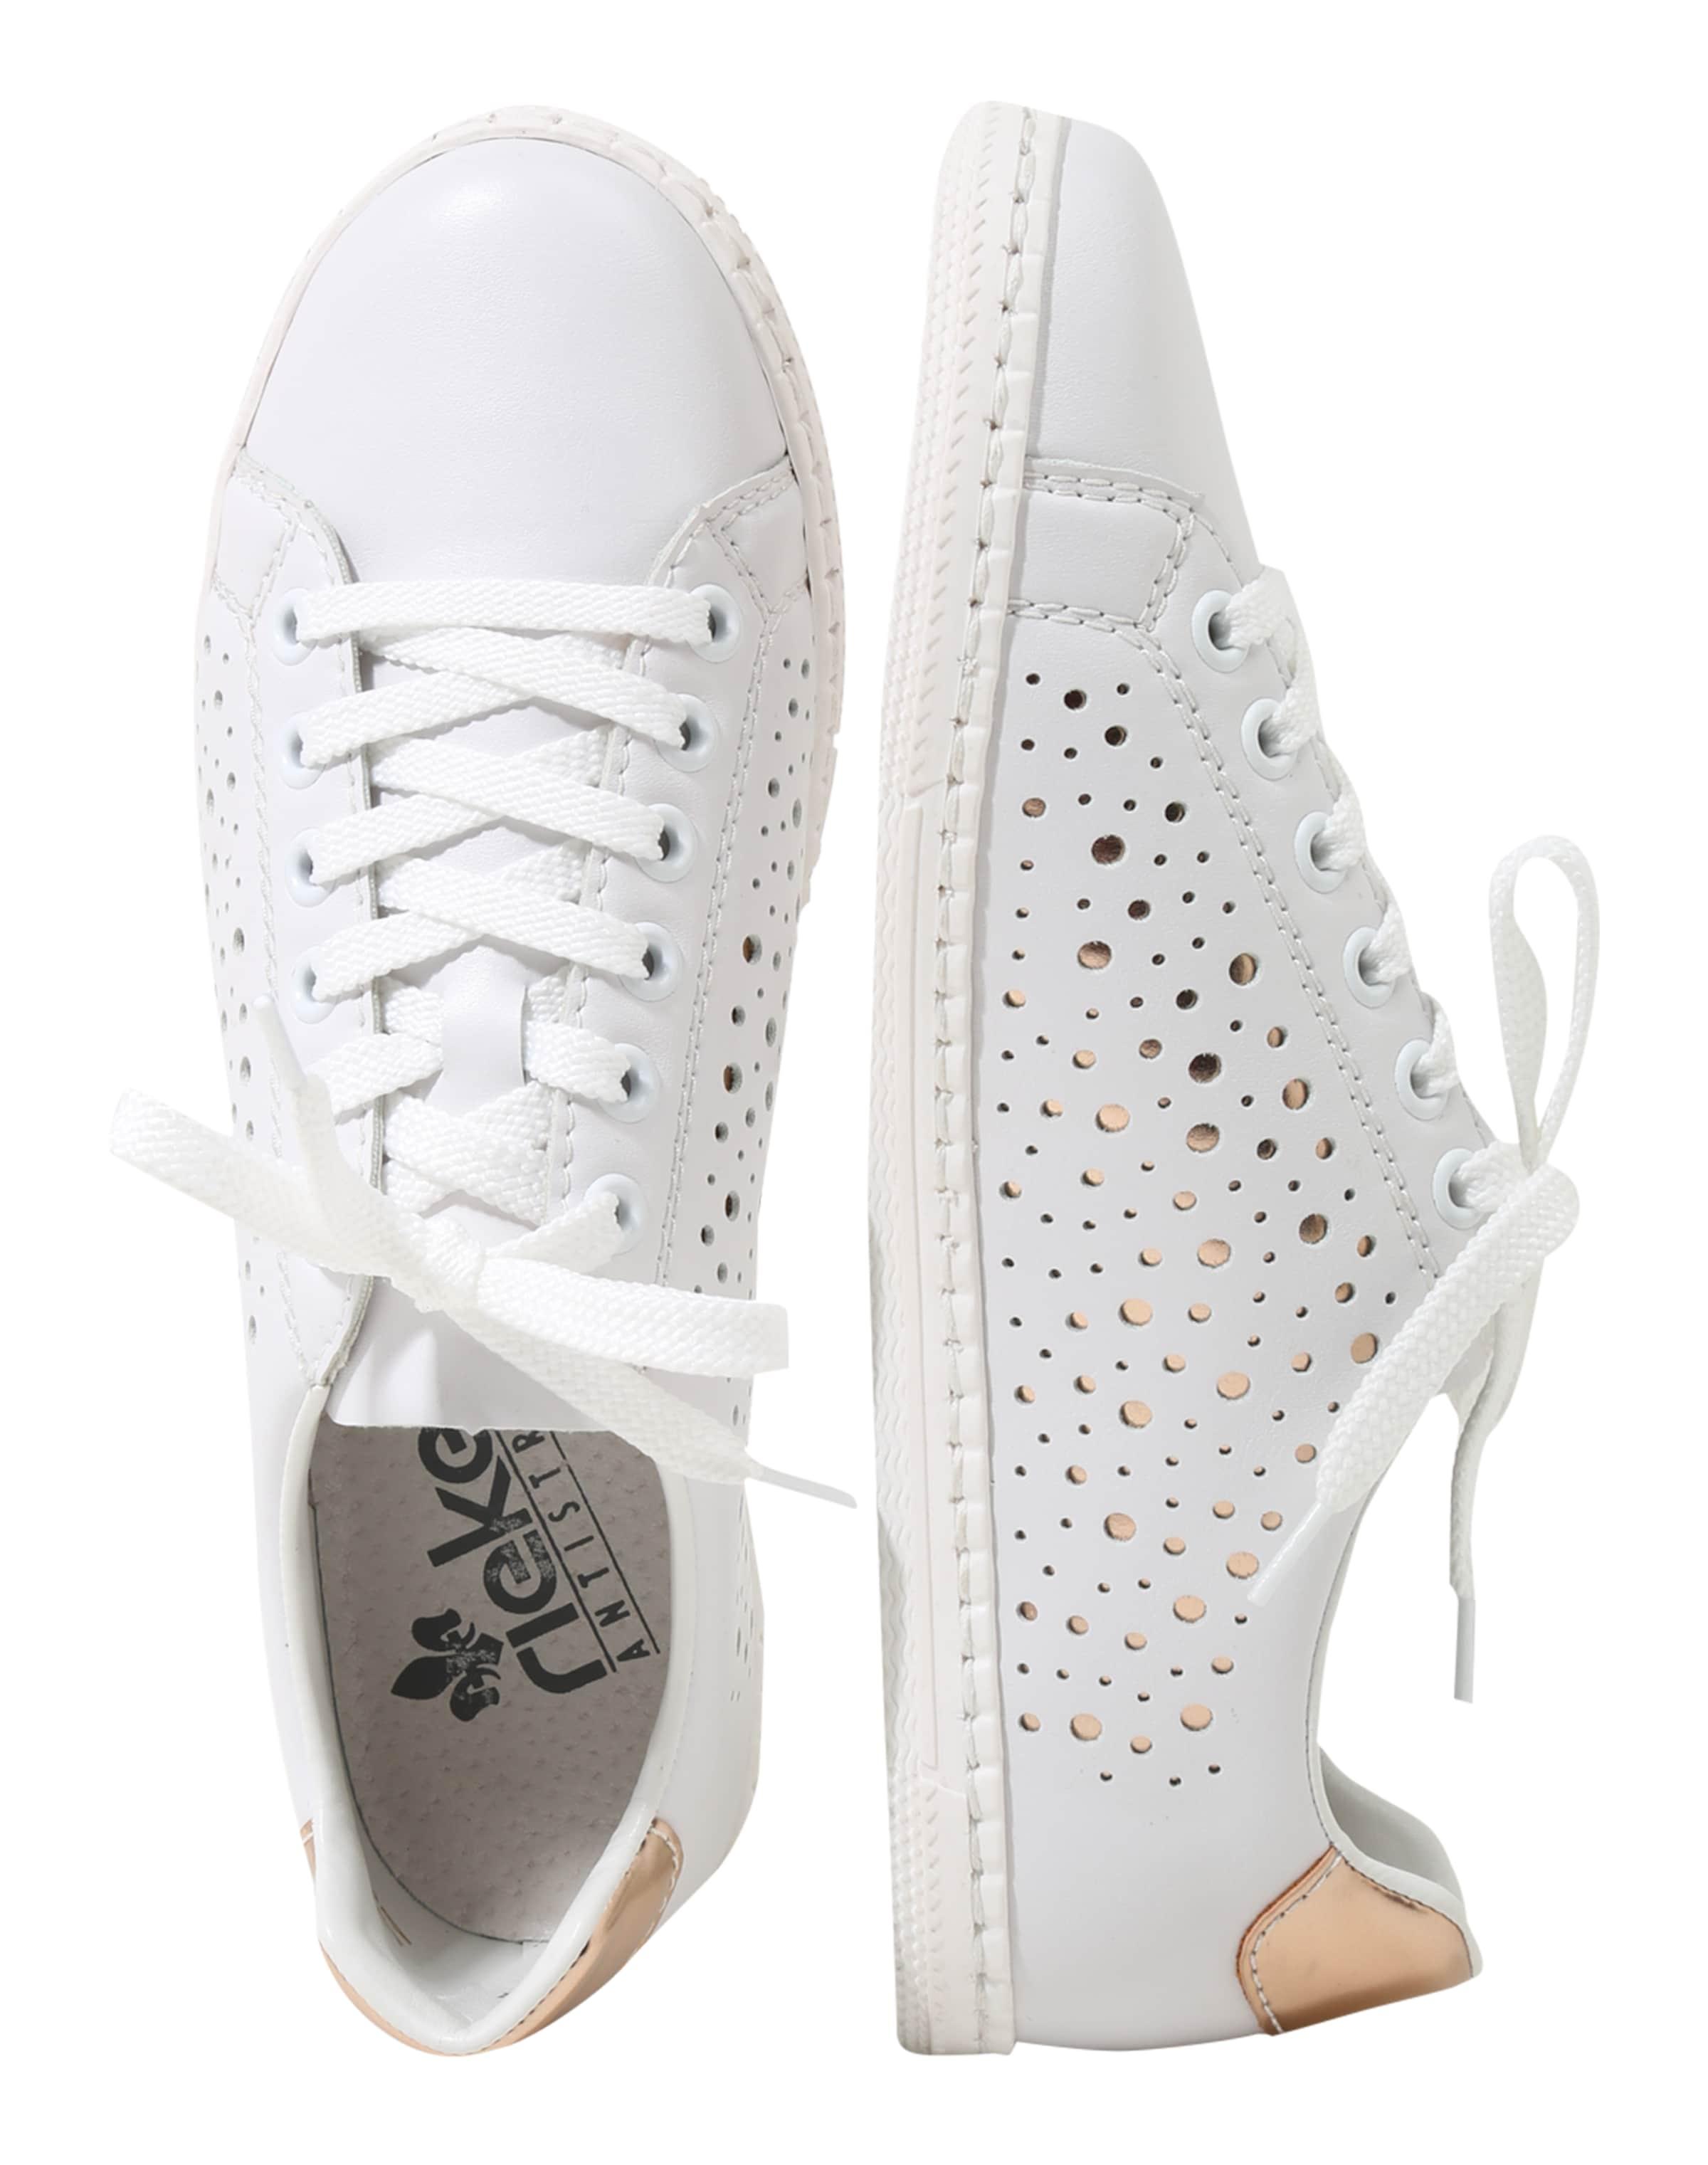 Weiß In Rieker Sneaker Rieker In Weiß Sneaker ARj4L5